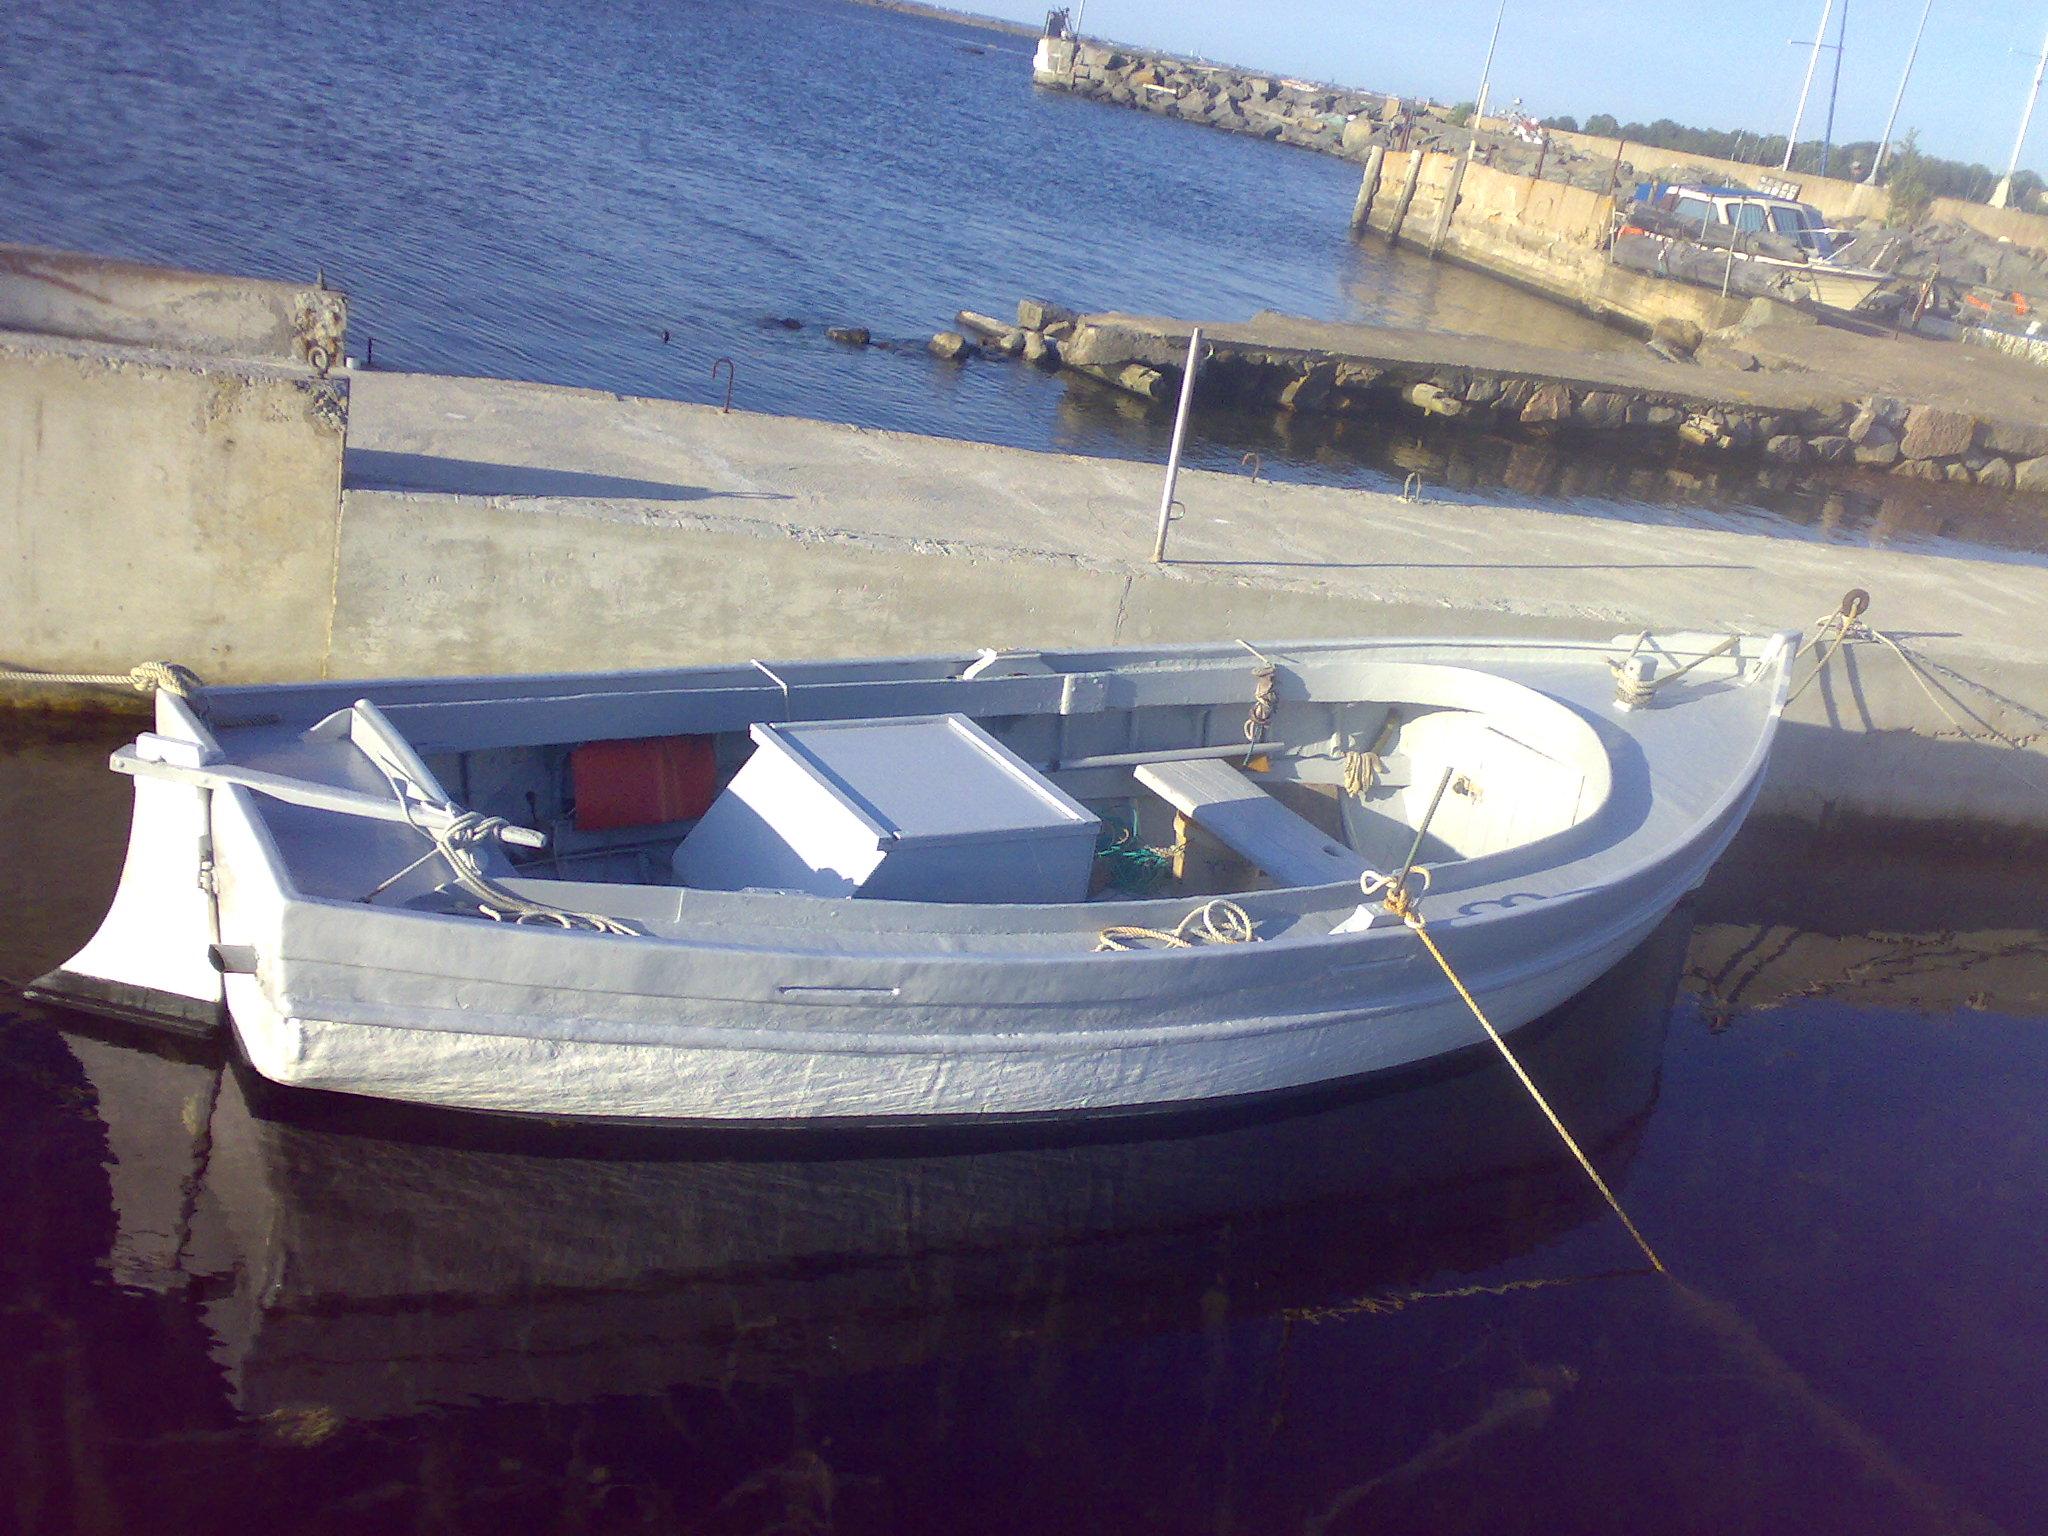 Ubrugte Motorbåd - Wikipedia, den frie encyklopædi DY-36